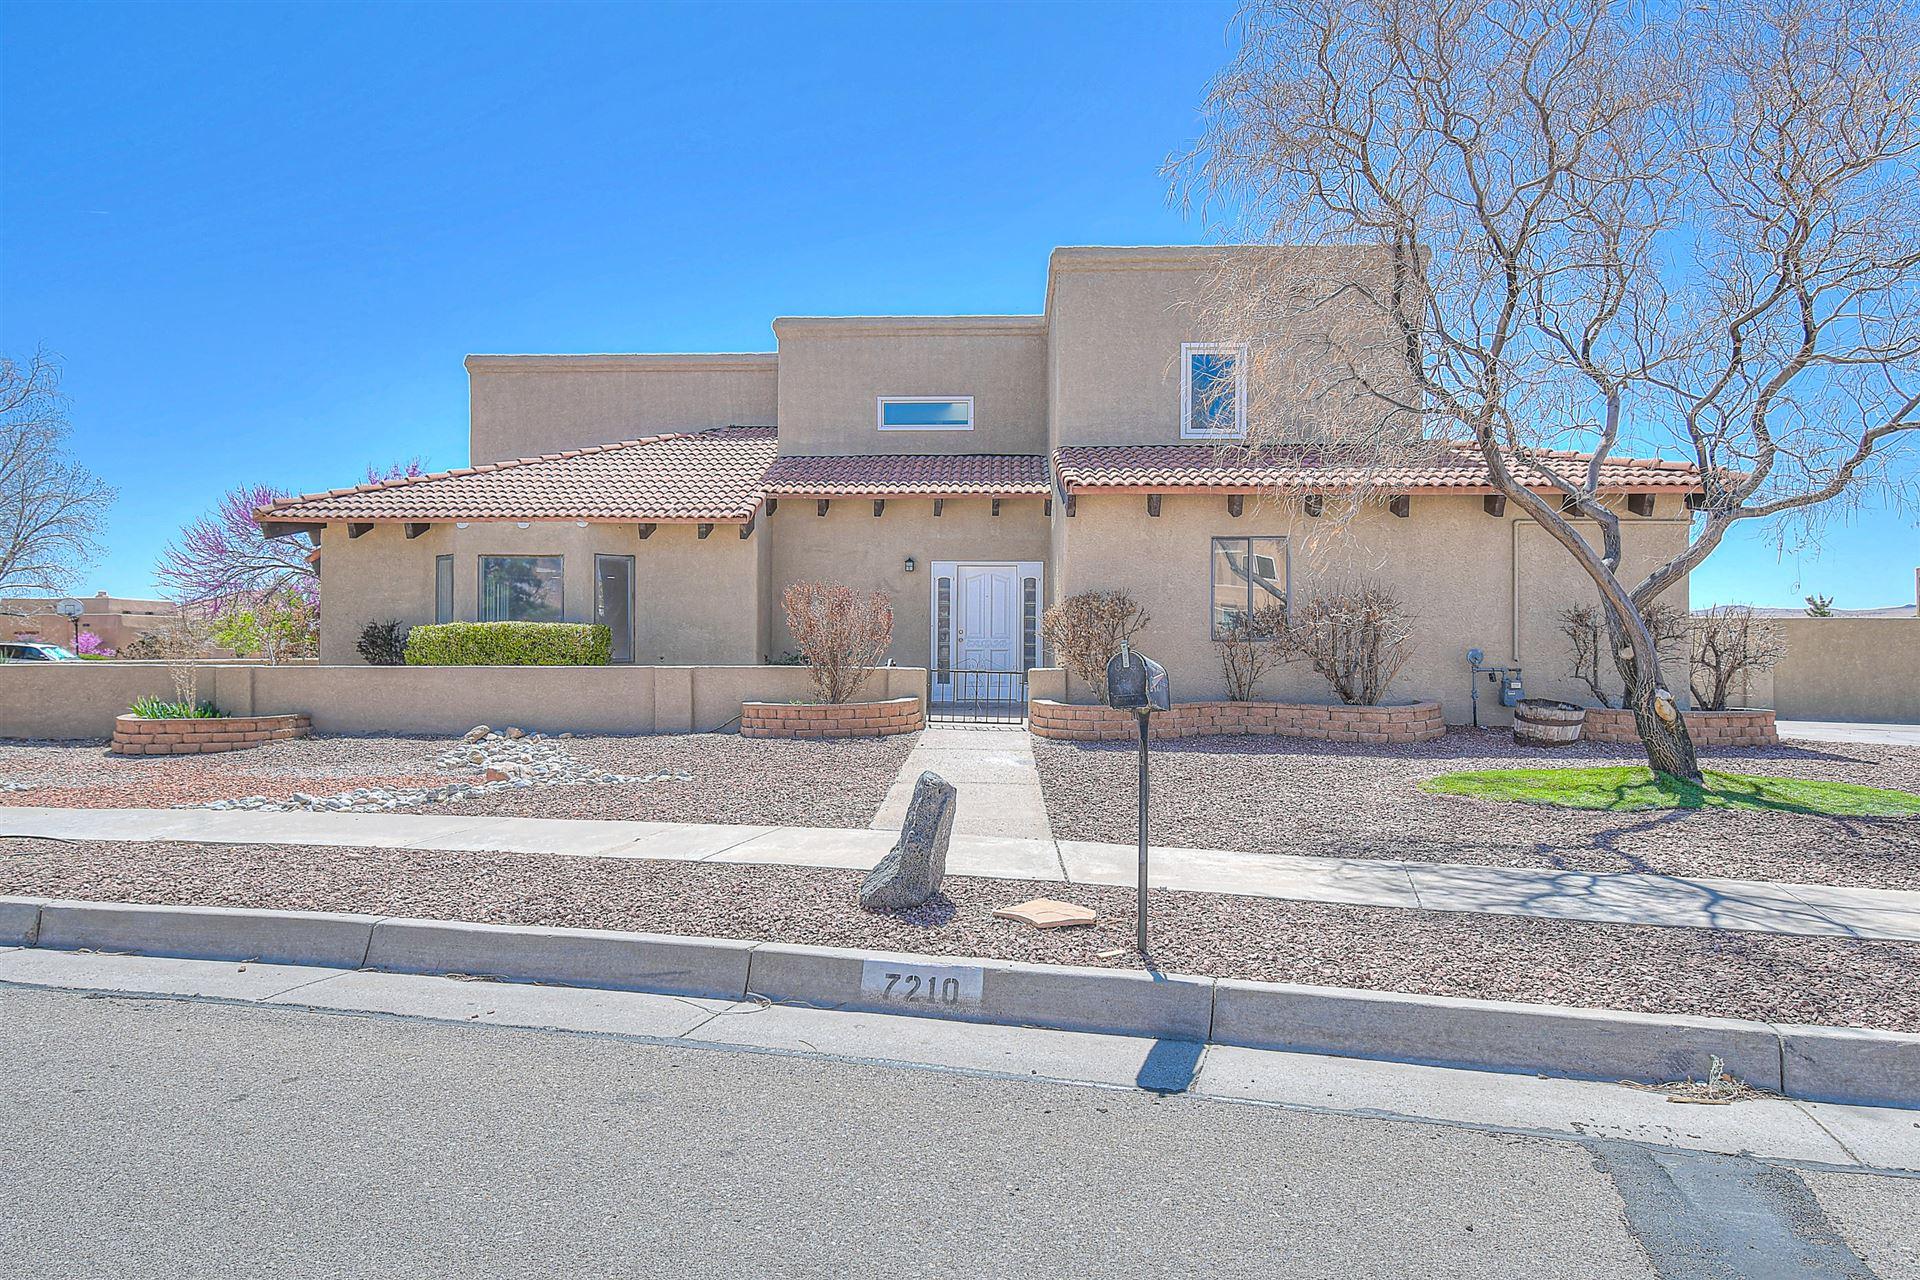 7210 DODGE Trail NW, Albuquerque, NM 87120 - #: 989299